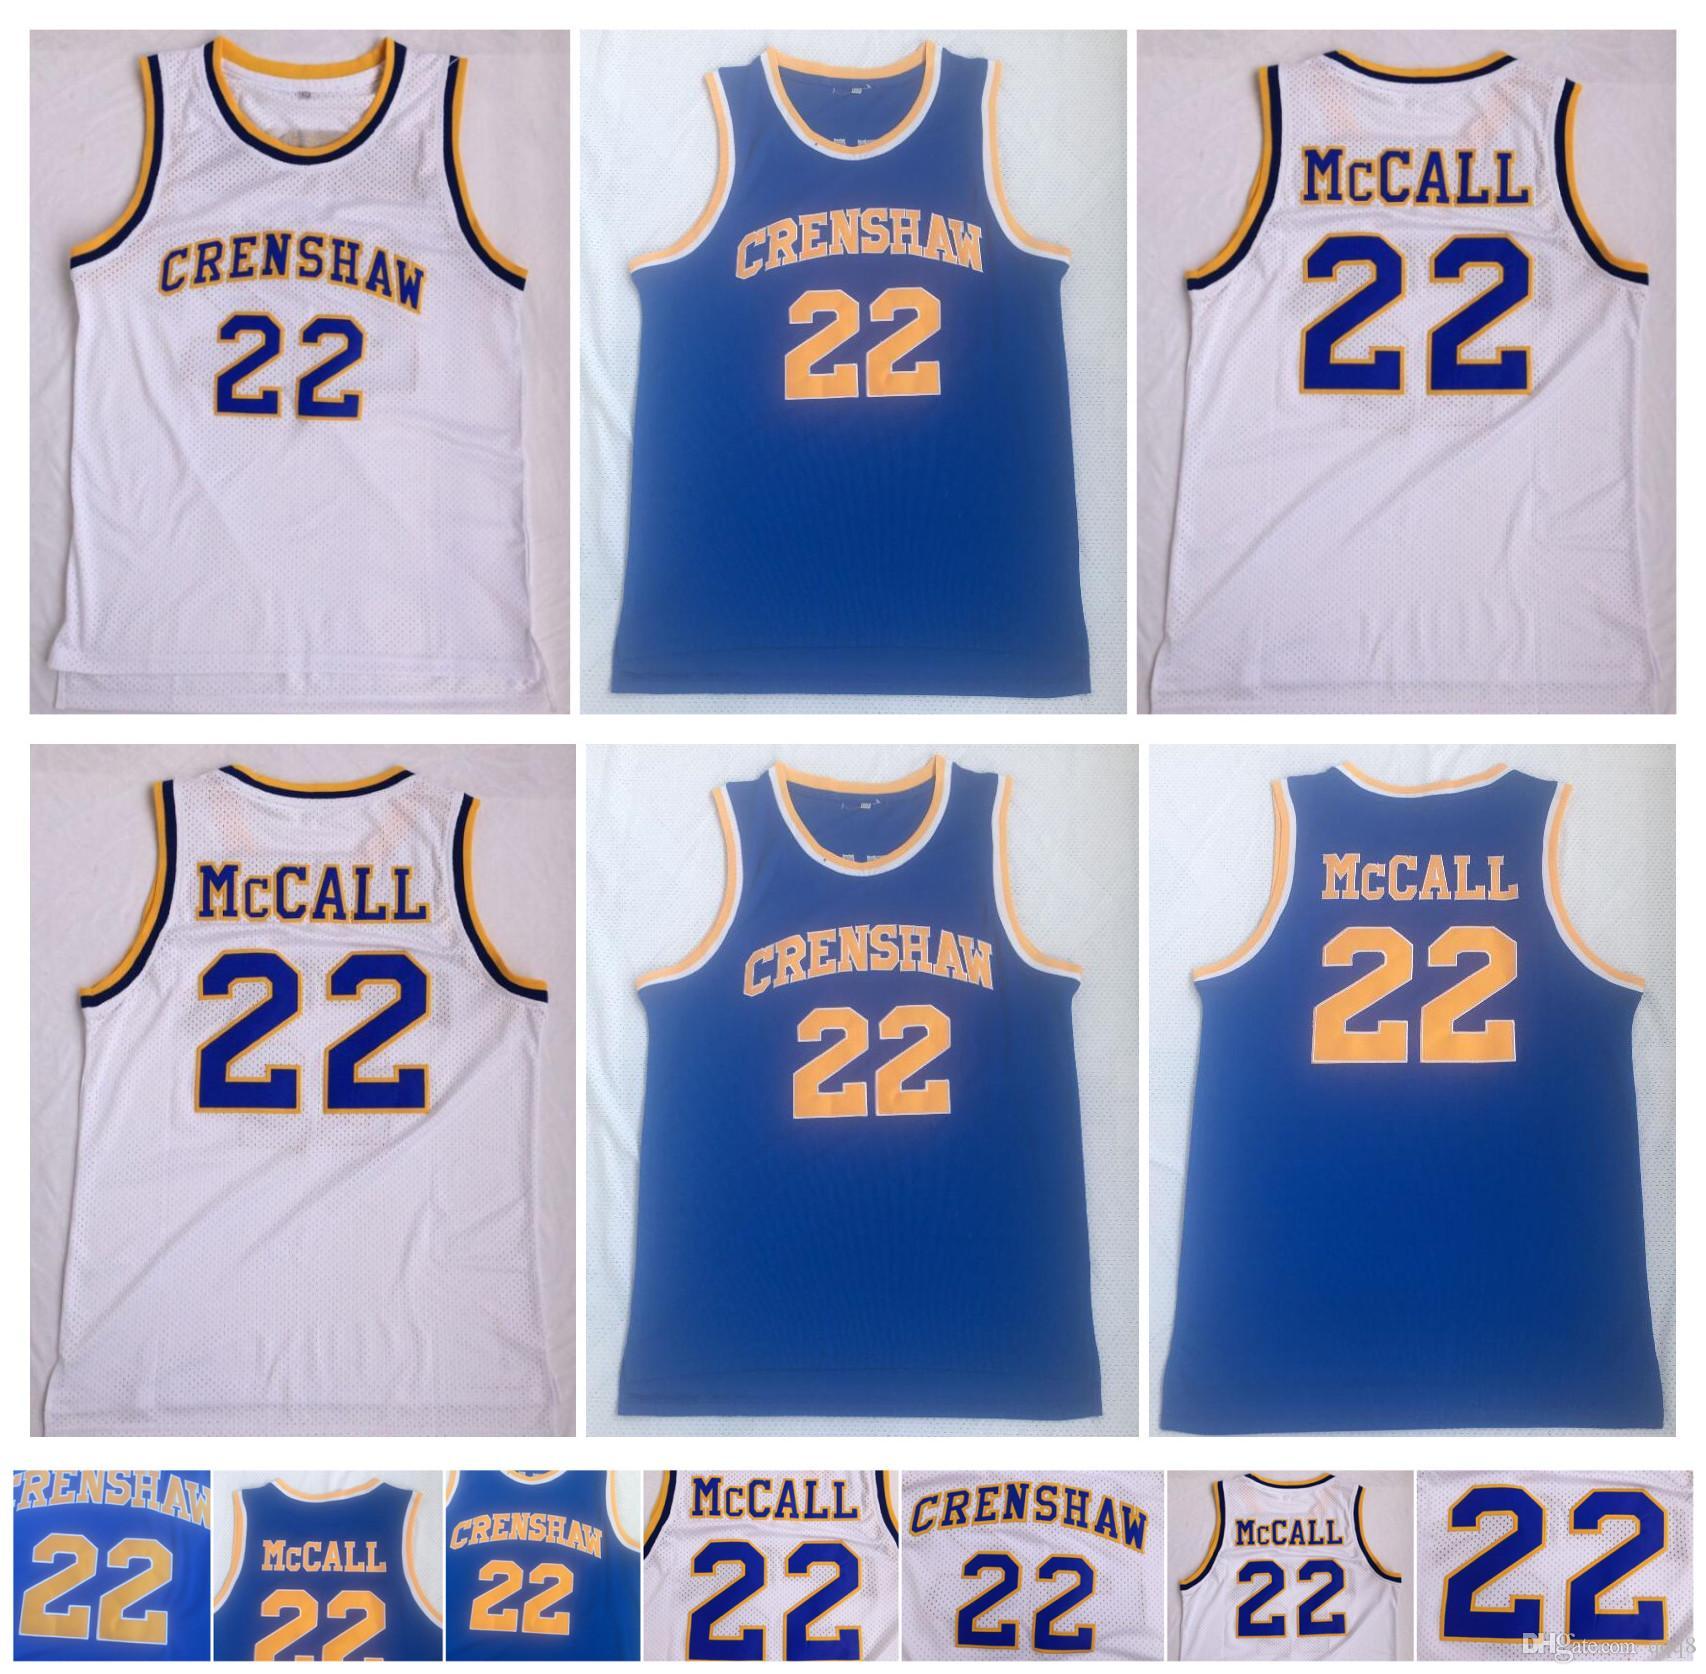 22 Quincy McCall Jersey Crenshaw High School College College Basketball Jerseys Bleu Blanc Sport Shirt Top Qualité! S-xxl